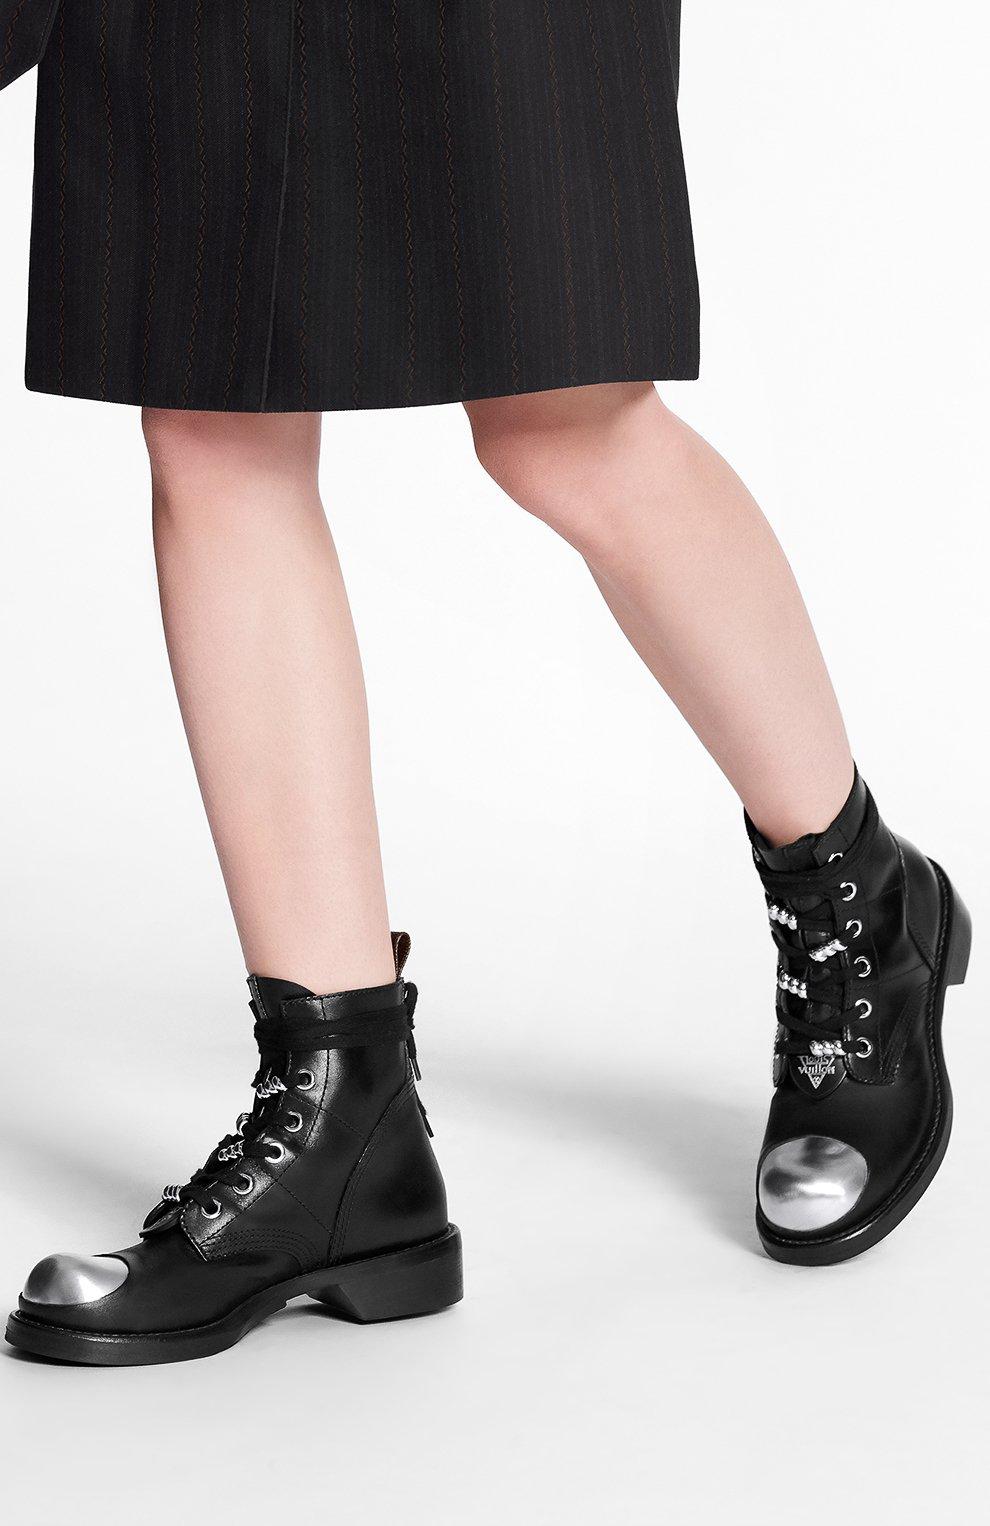 Кожаные ботинки Metropolis | Фото №4